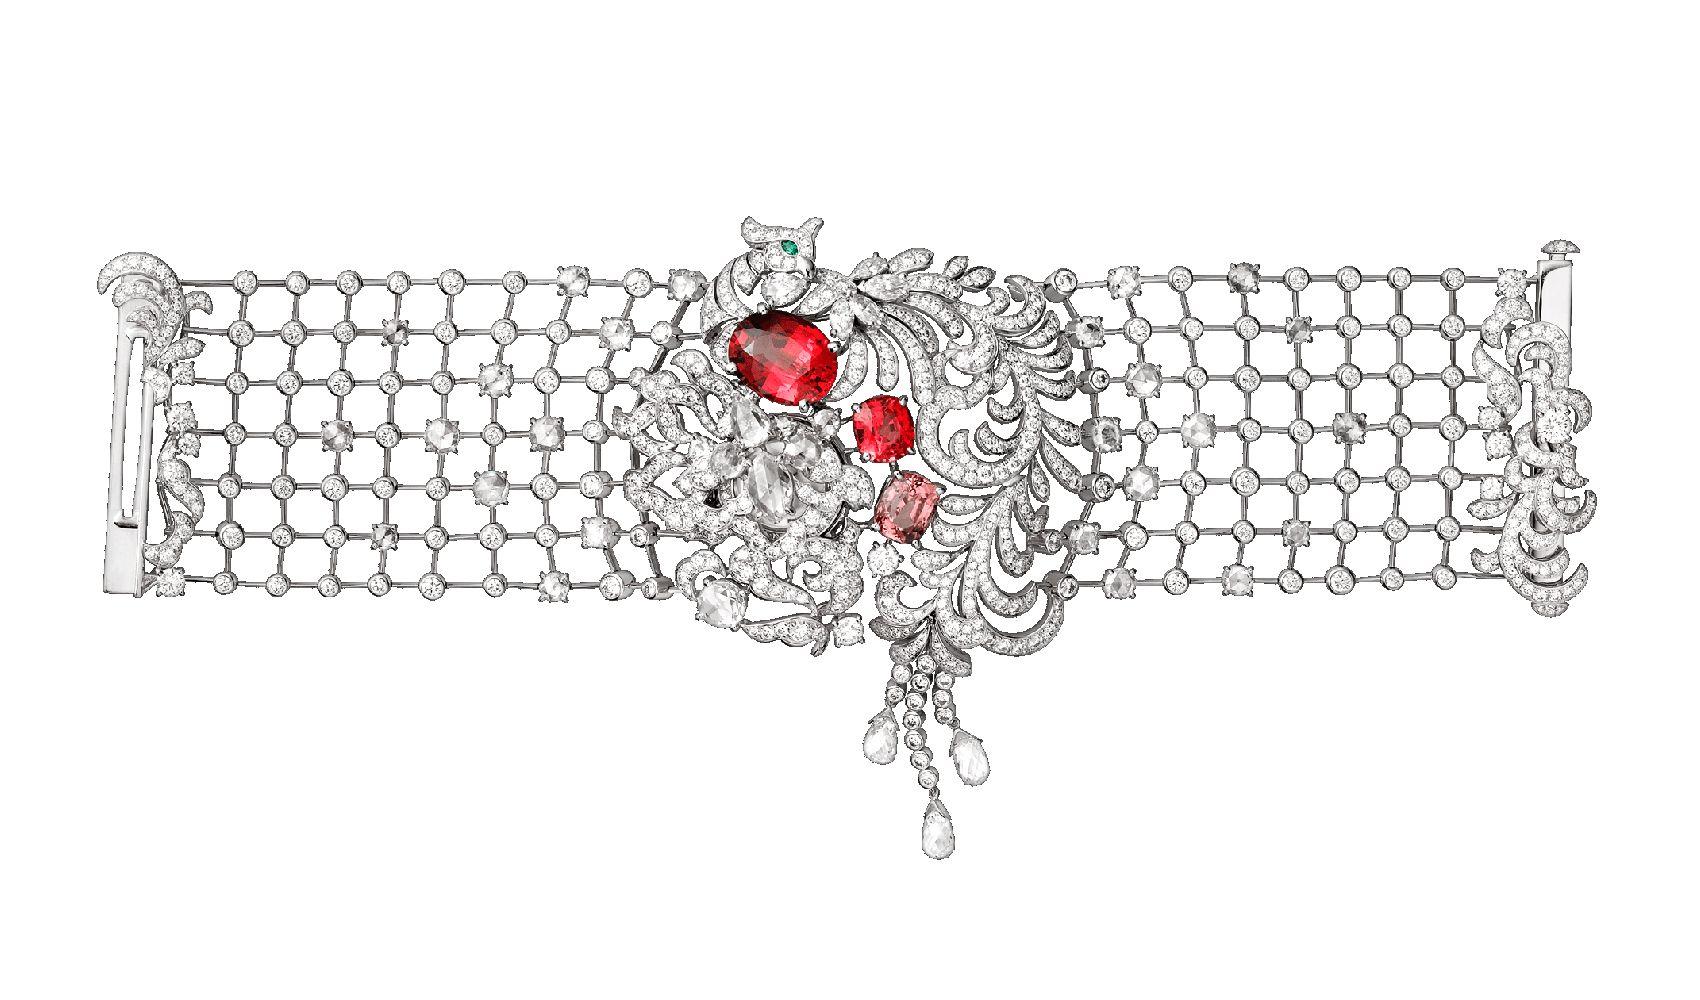 鳳凰造型頂級珠寶神秘錶by Cartier。